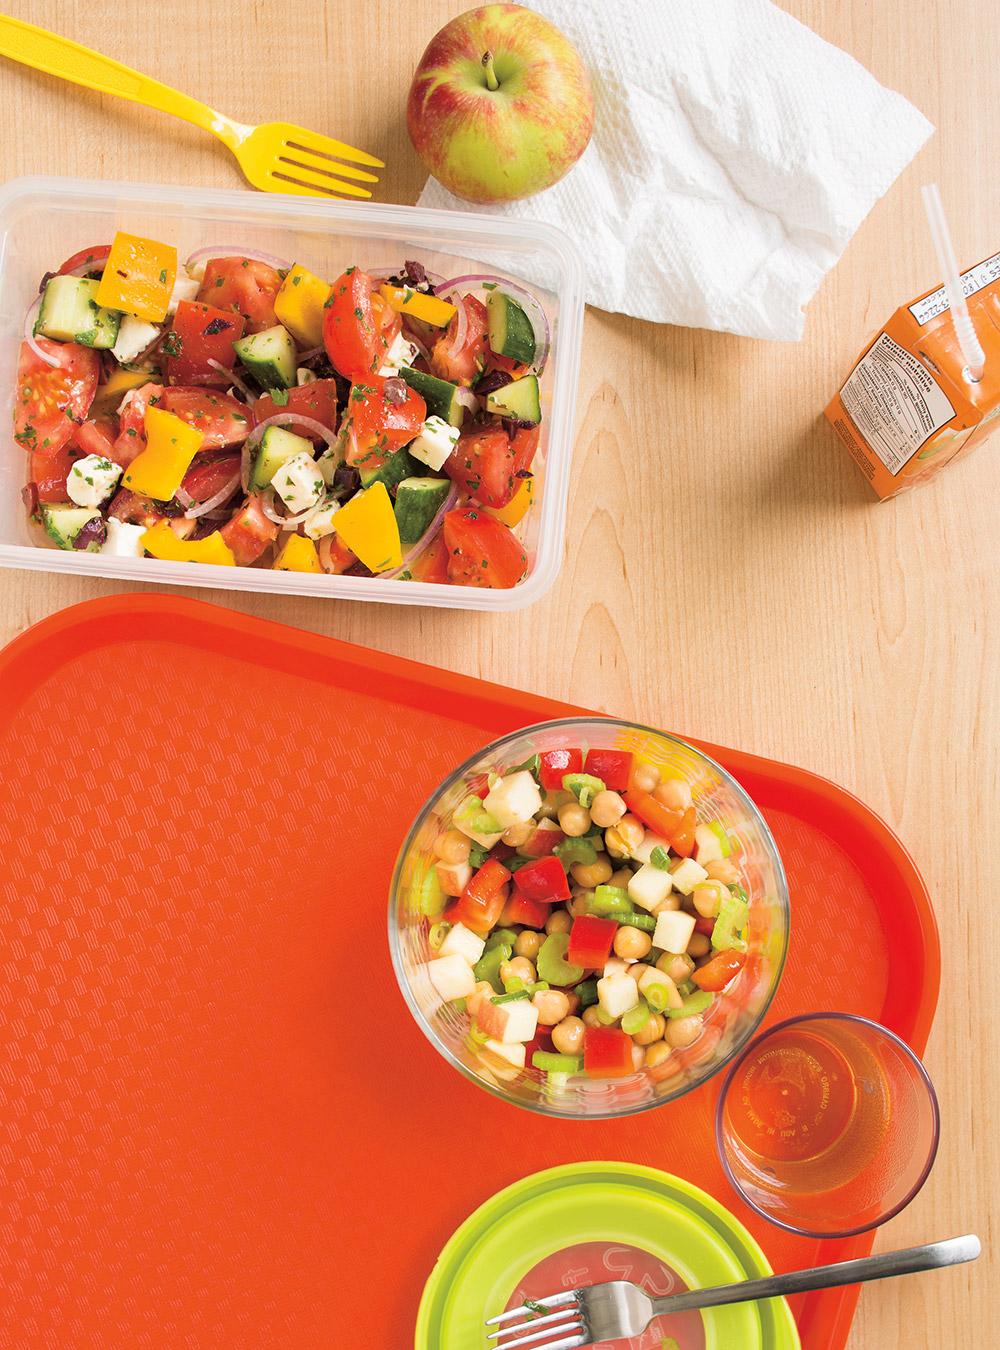 Salade grecque ricardo for Cuisine ricardo